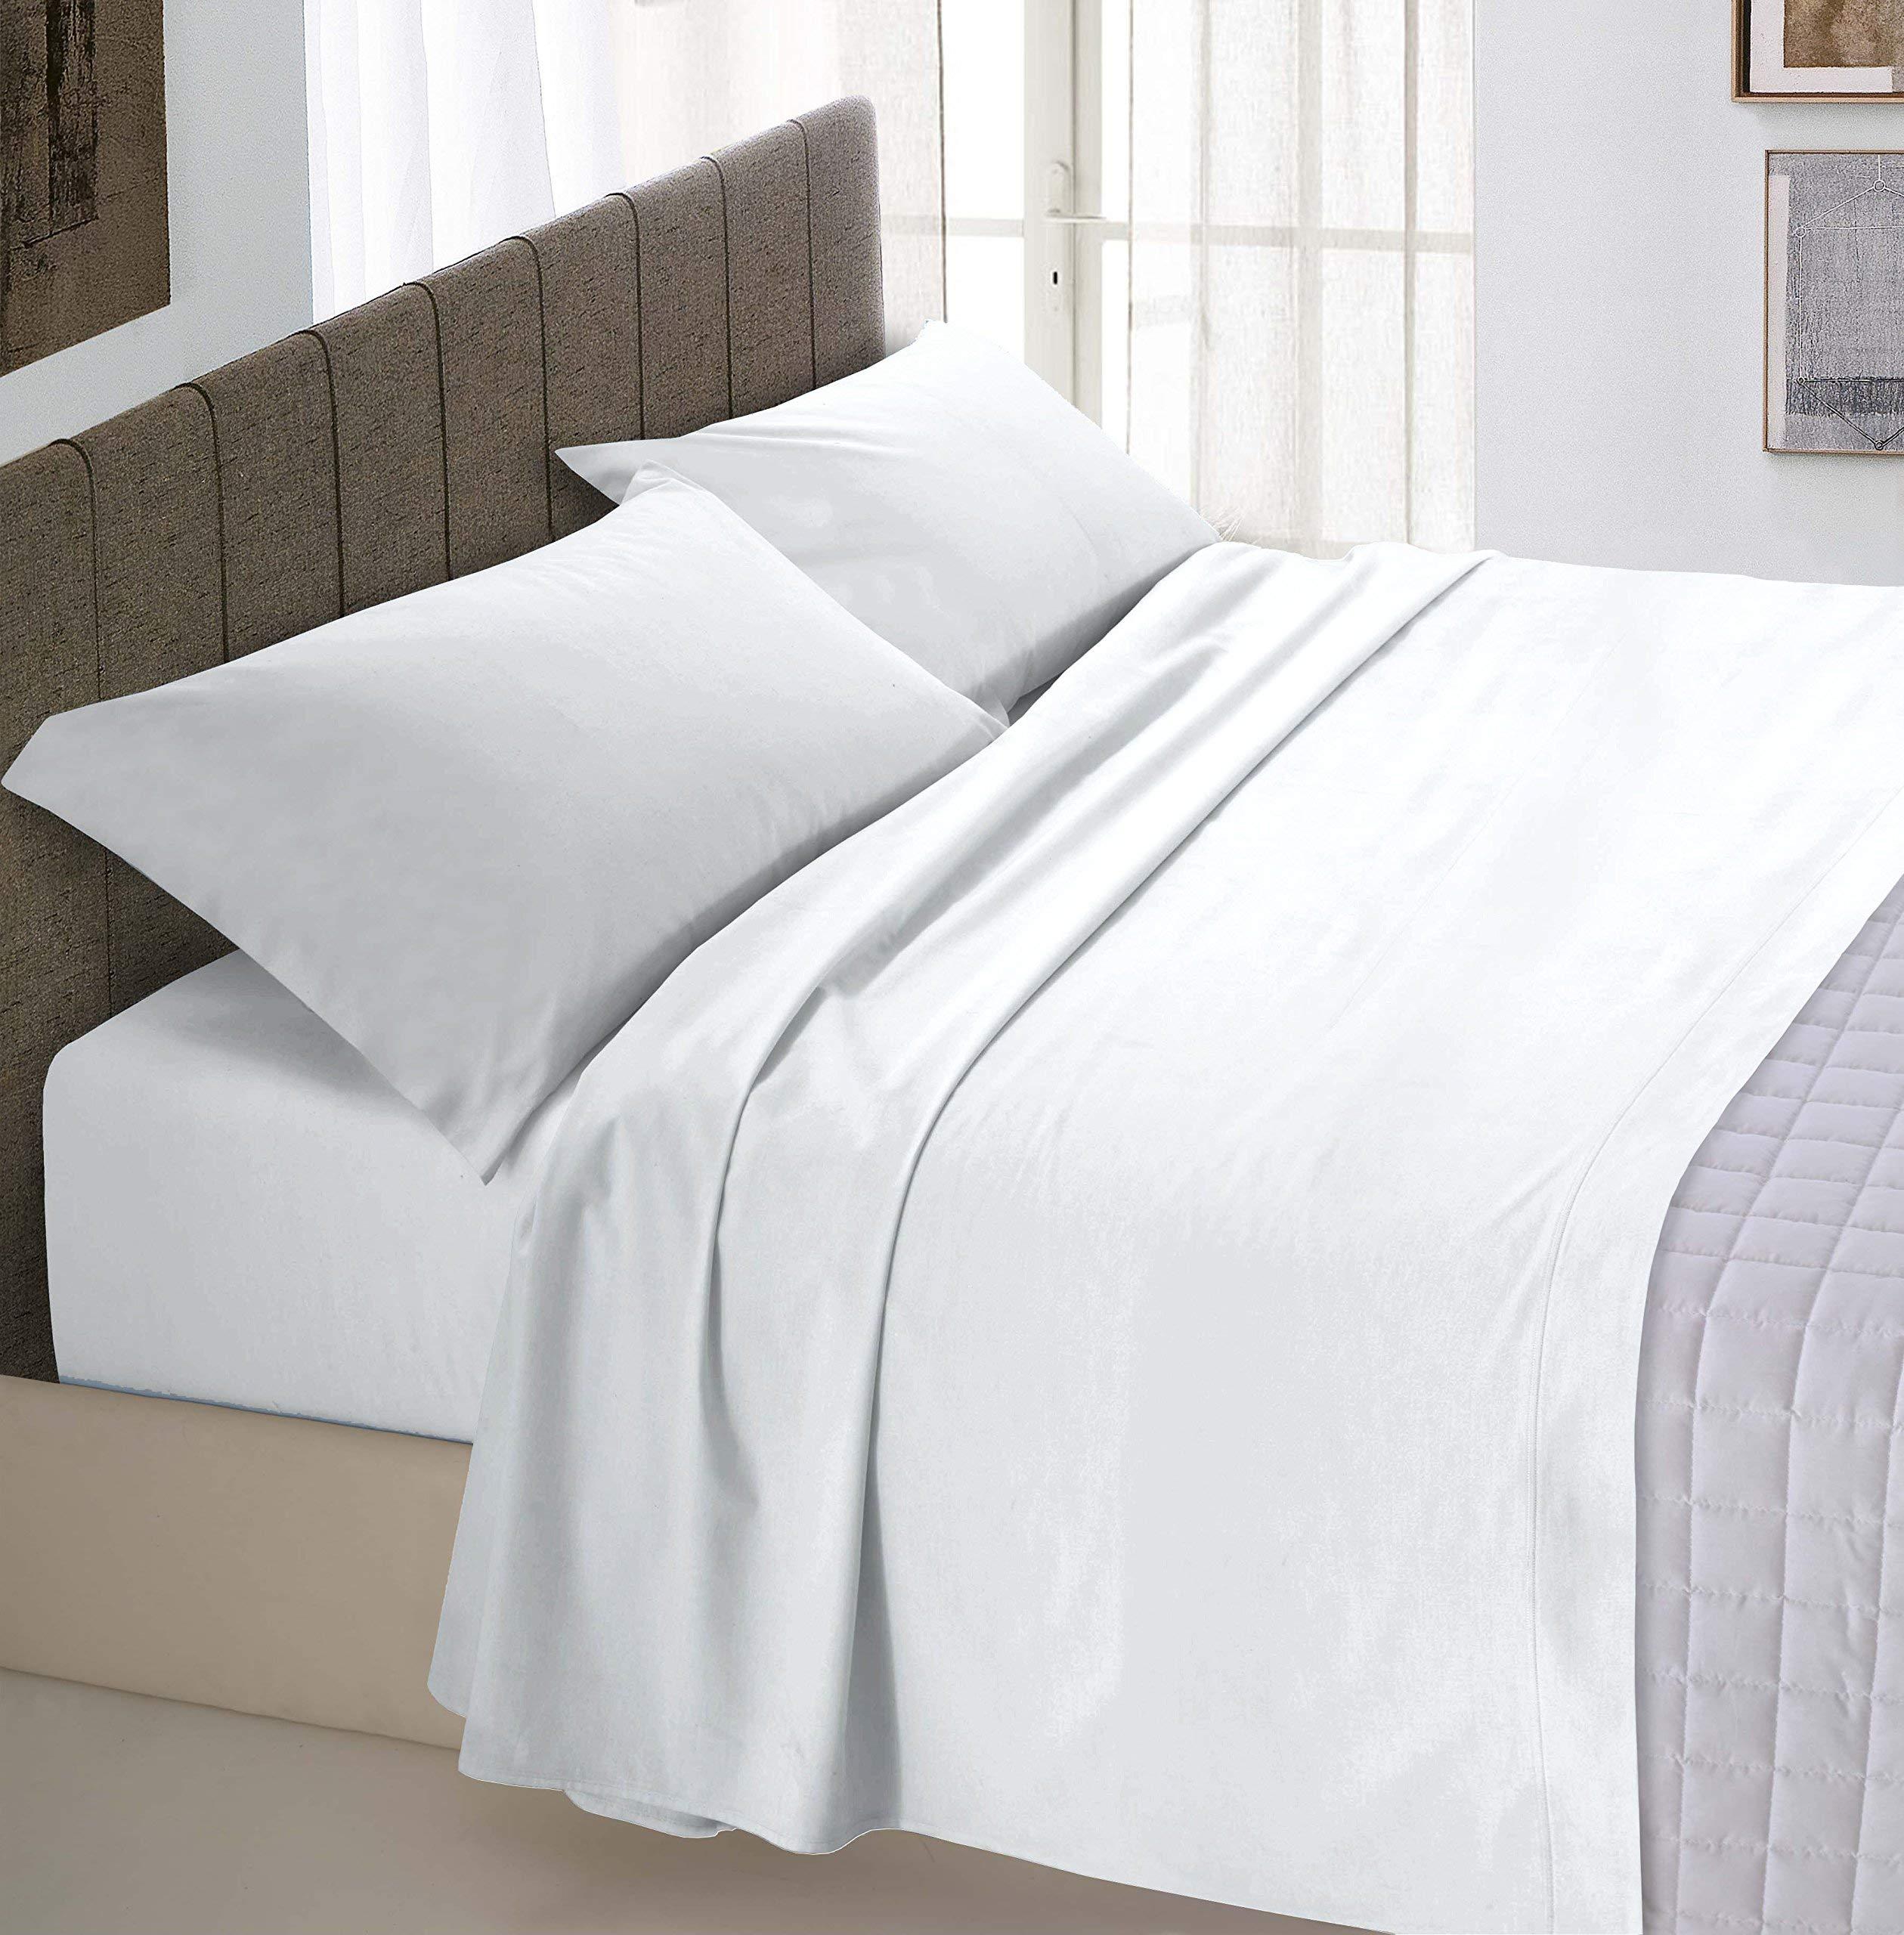 Italian Bed Linen Max Color Sábana Encimera, 100% Algodón, Blanco, 150x300 cm: Amazon.es: Hogar